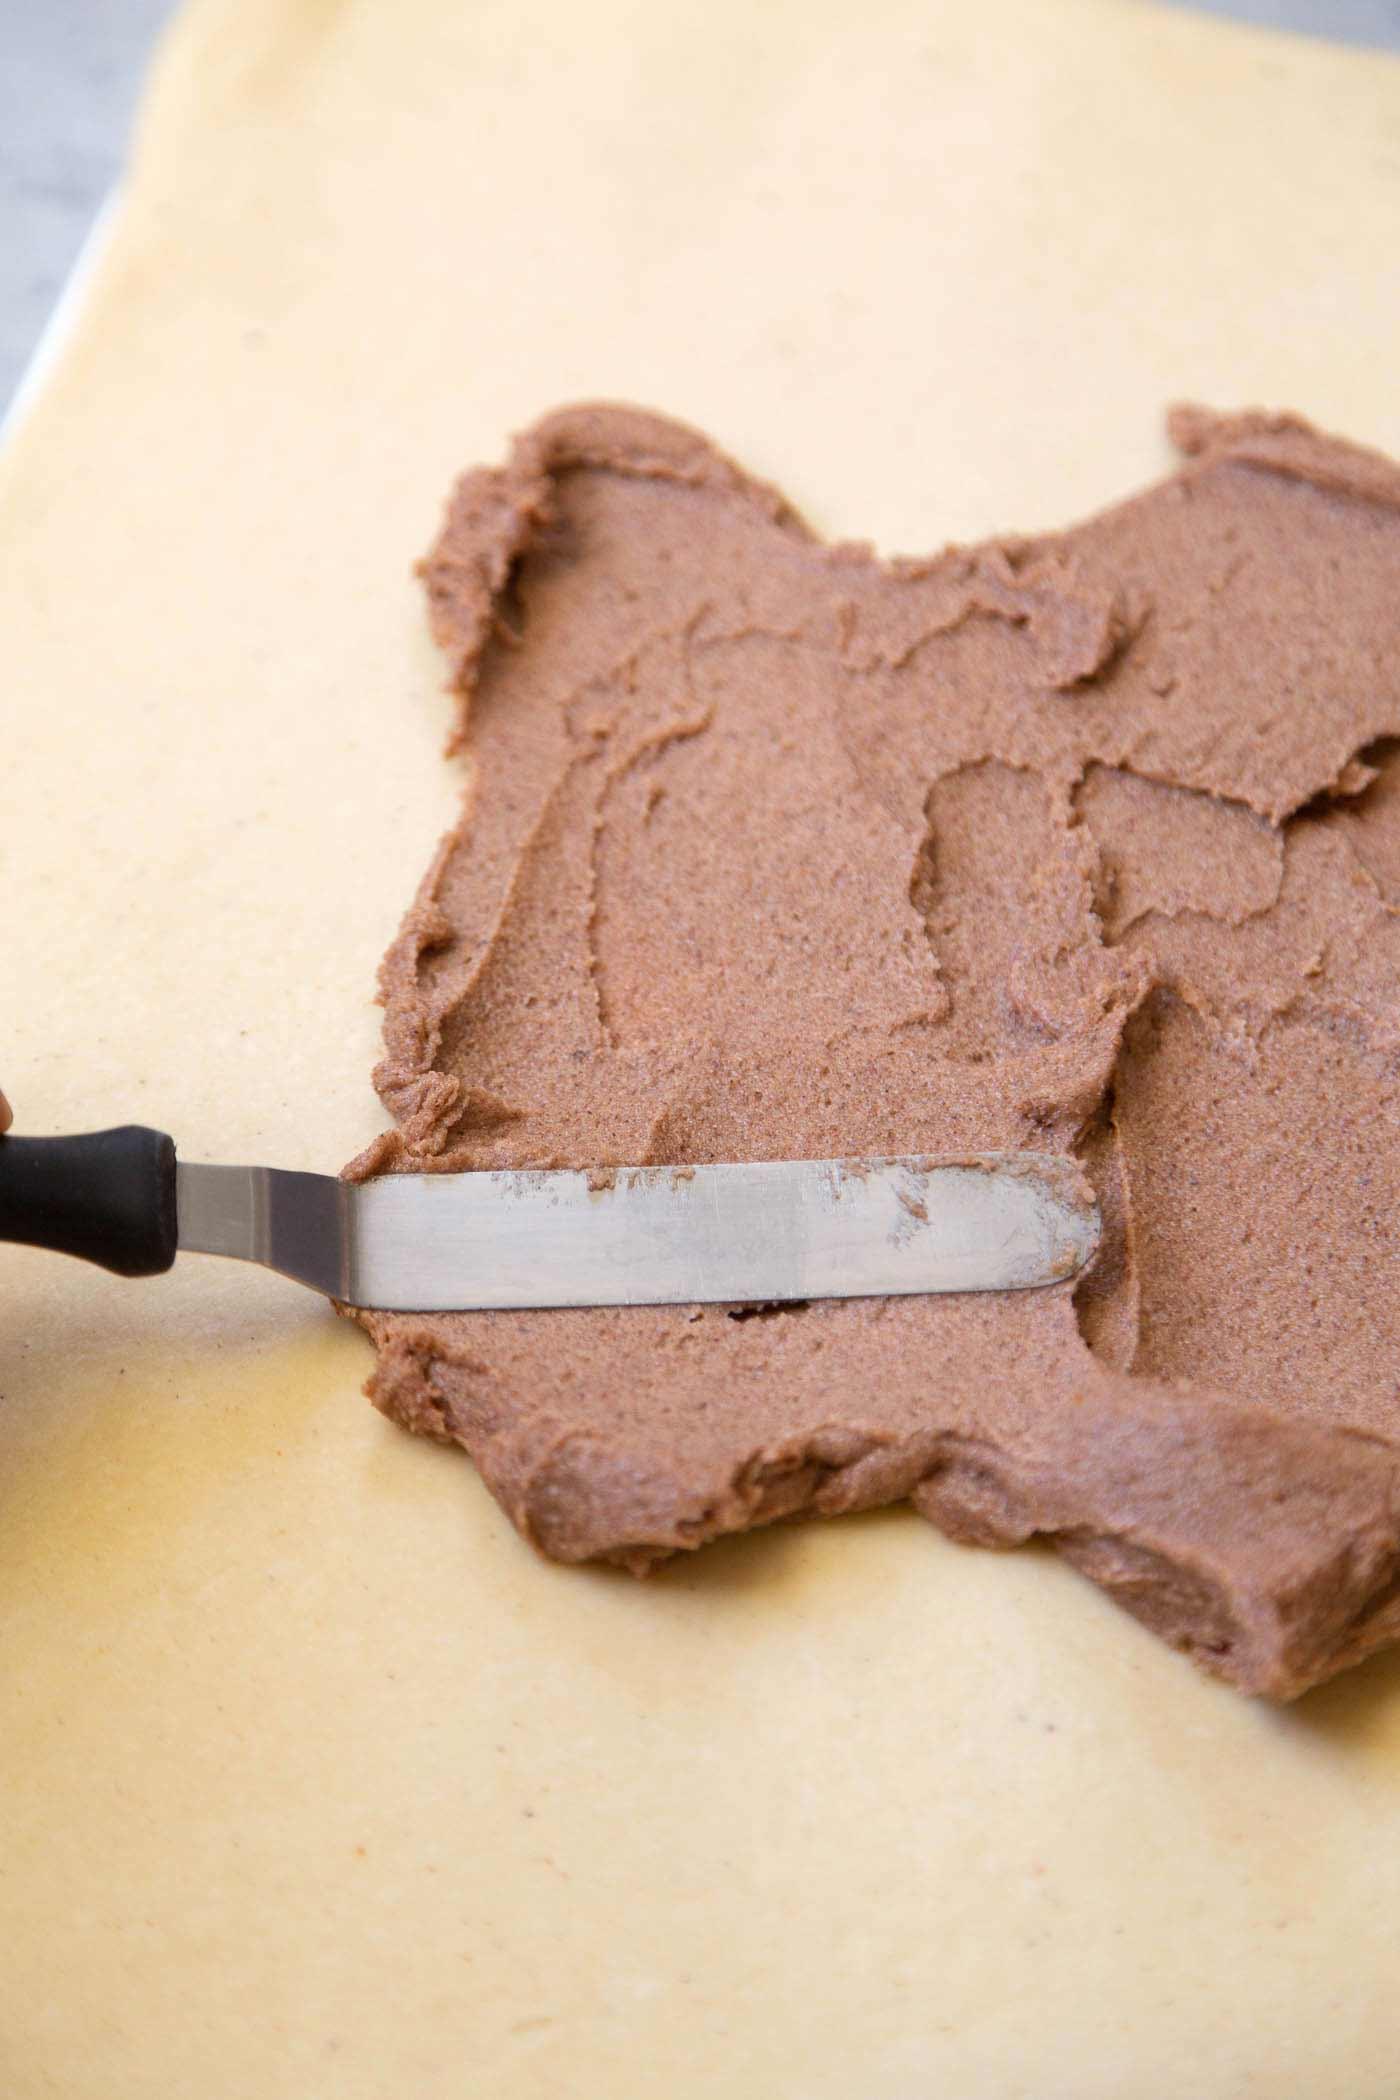 Spiced filing for eggnog cinnamon rolls.